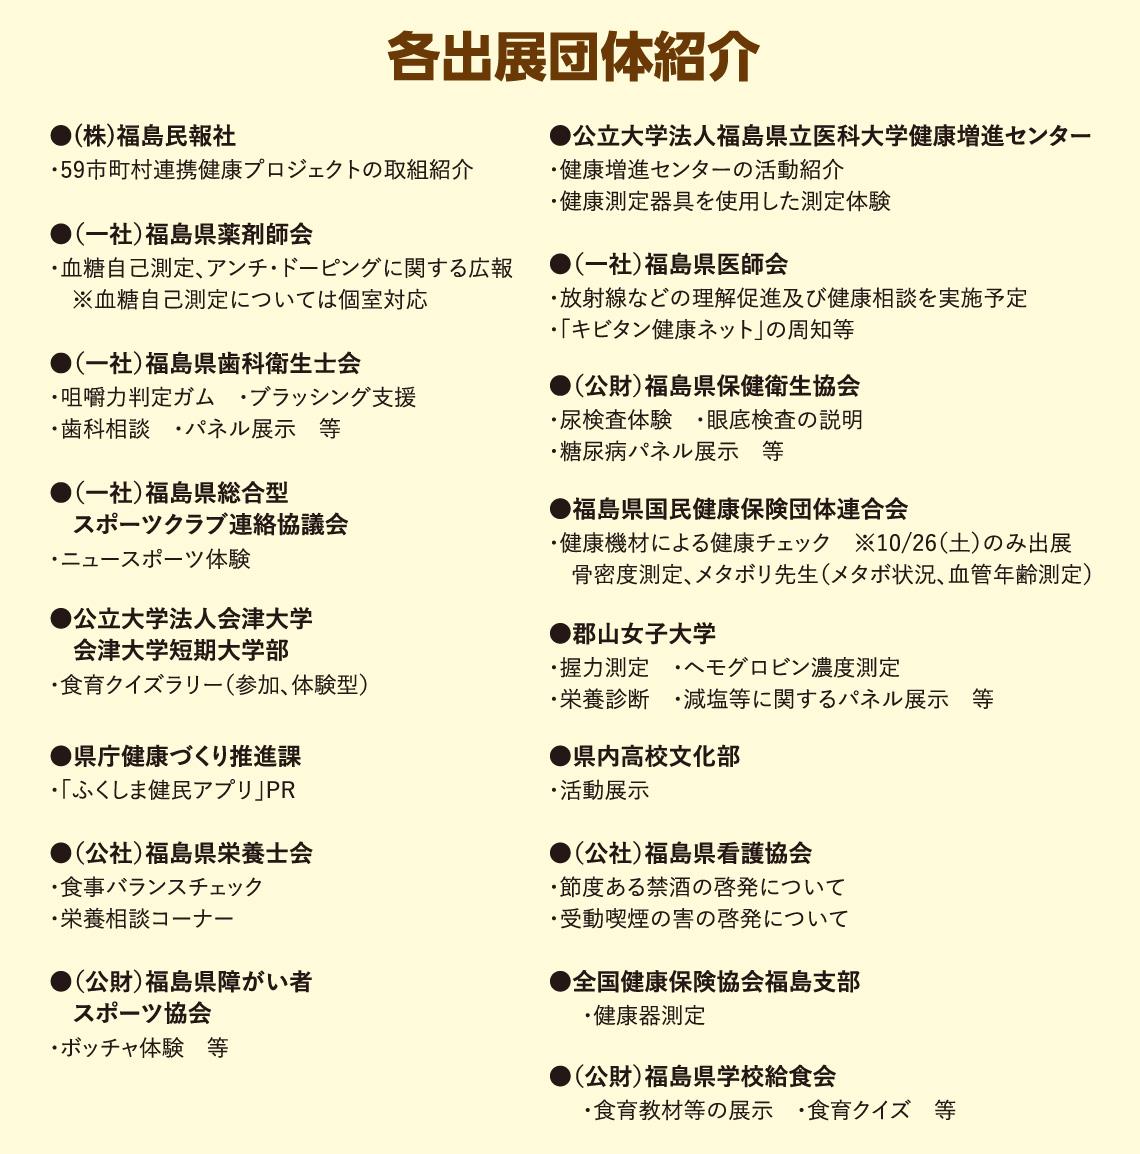 各出展団体紹介